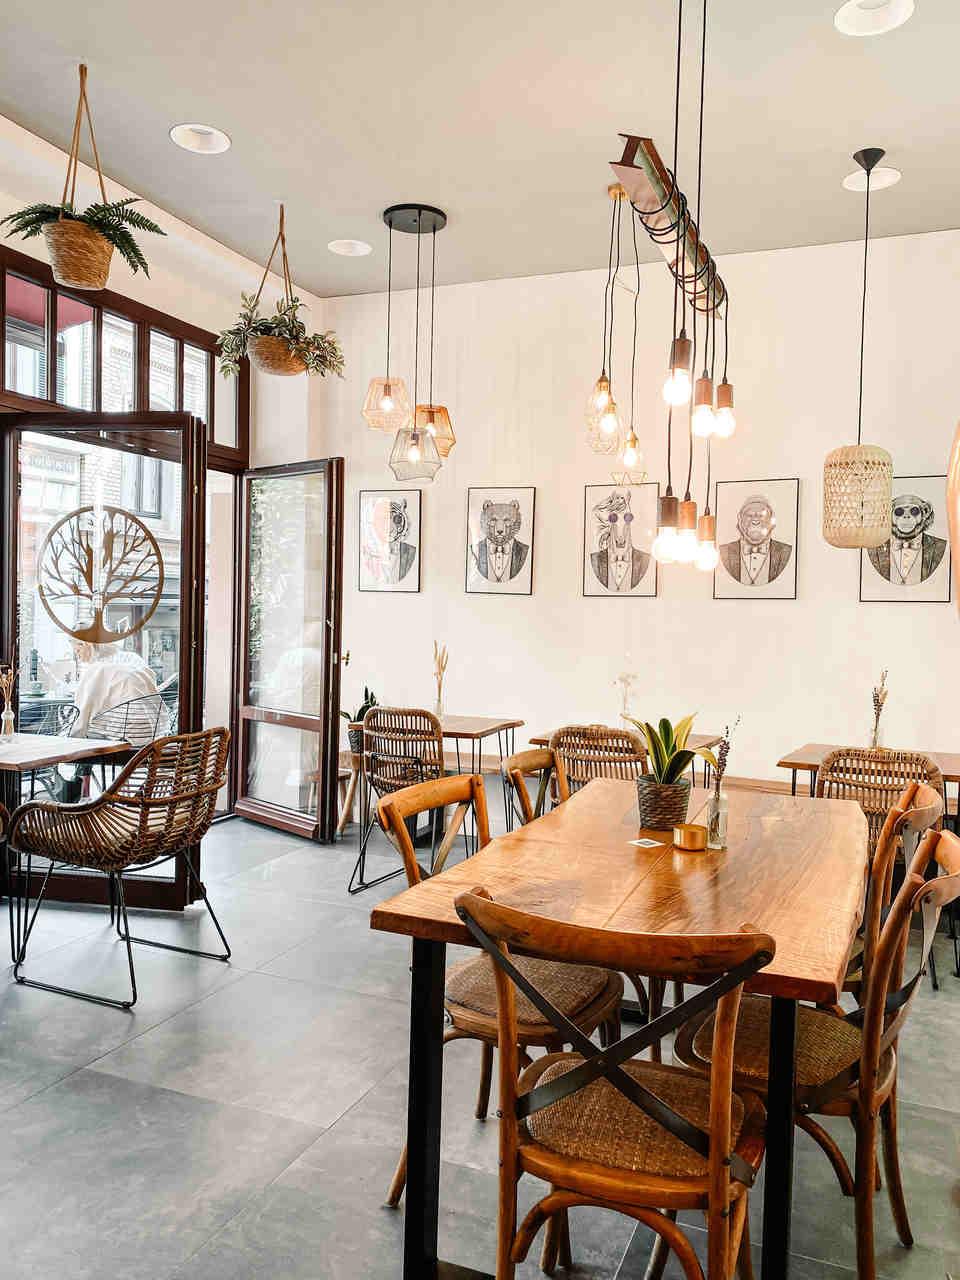 Wild & Wood Cafe